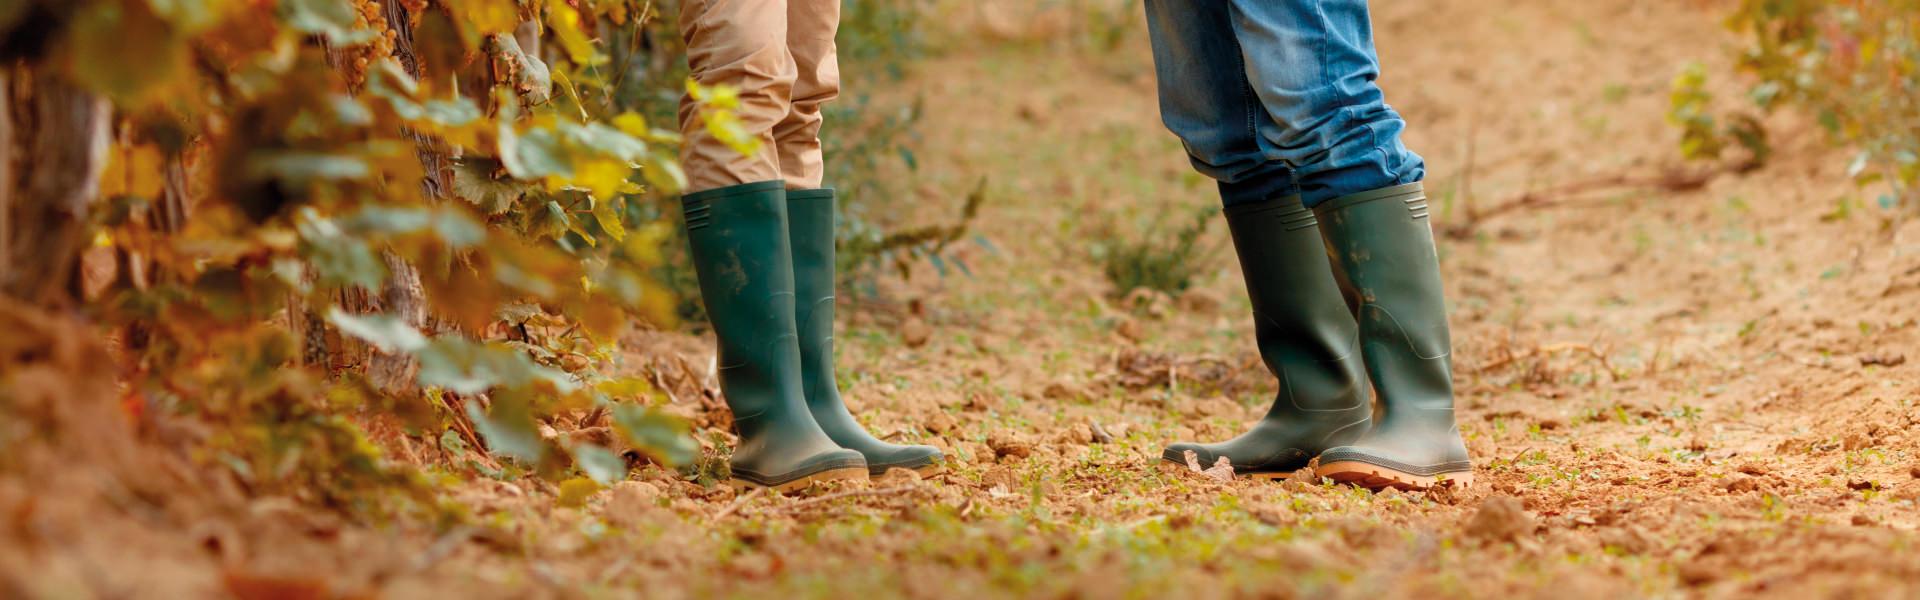 Zarpellon agricoltura- Cosa facciamo